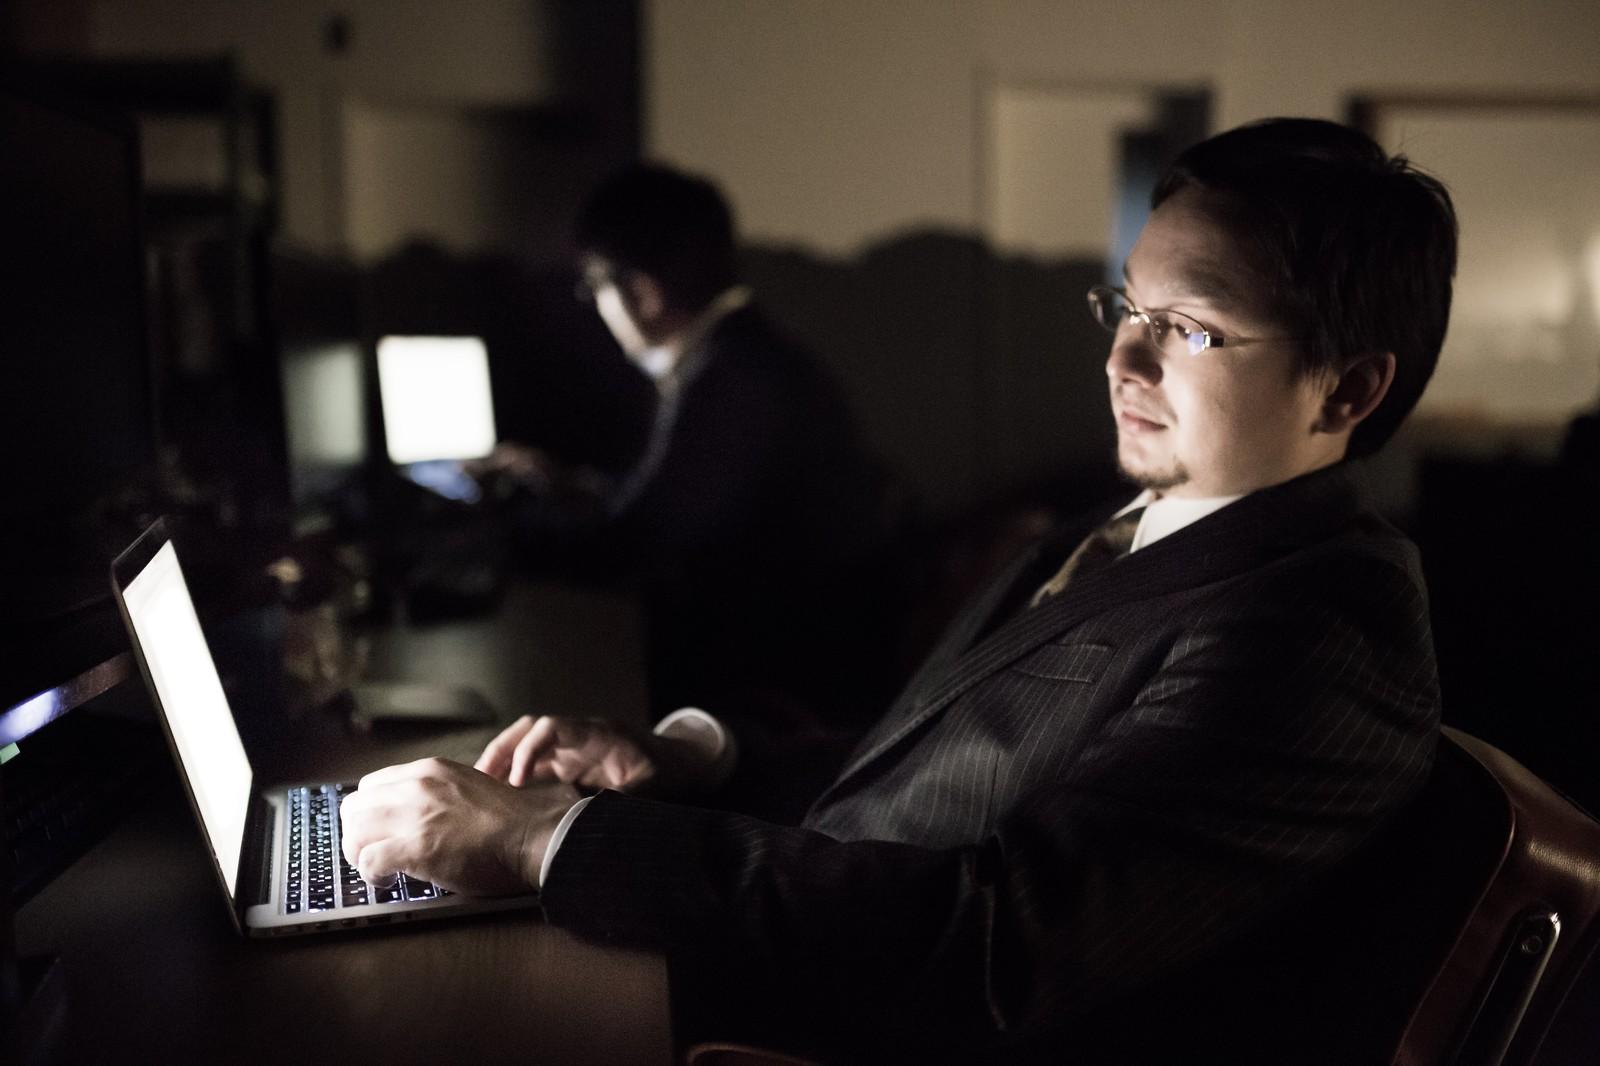 年俸制で残業が貰えないというのは間違い。休日出勤手当、深夜勤務手当も支給される。